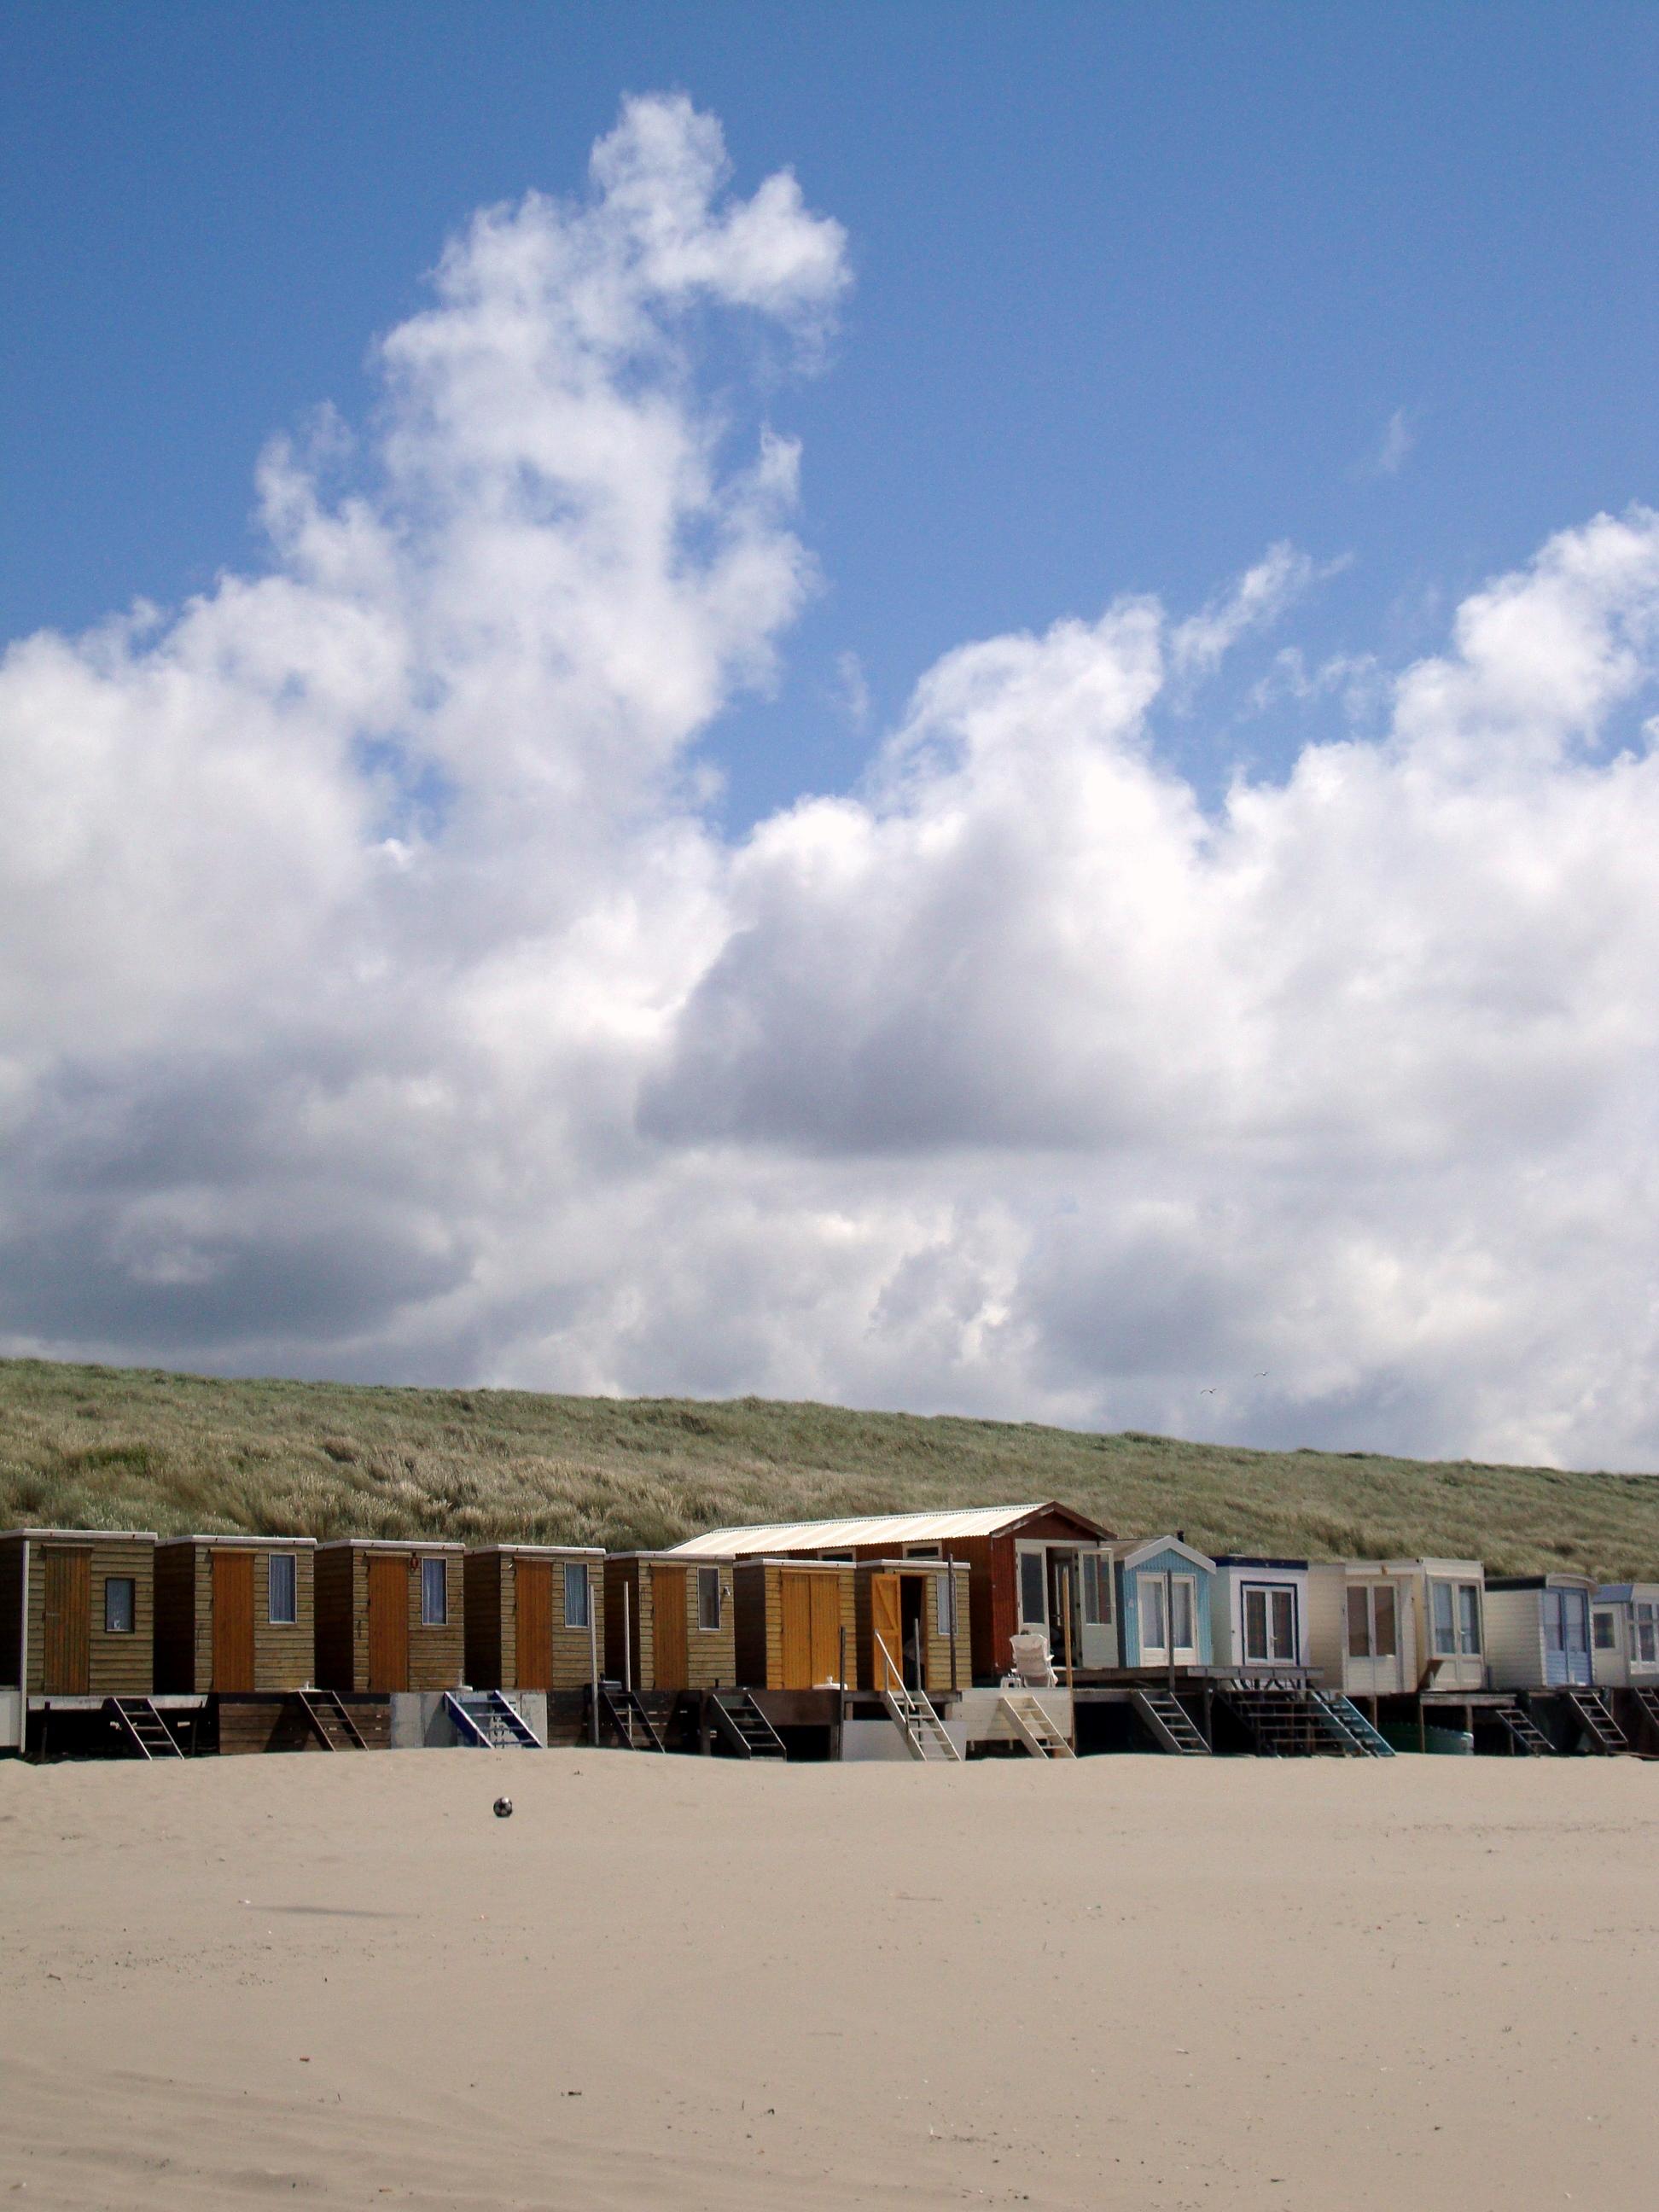 Beschrijving Wijk aan Zee Vakantiehuisjes.jpg